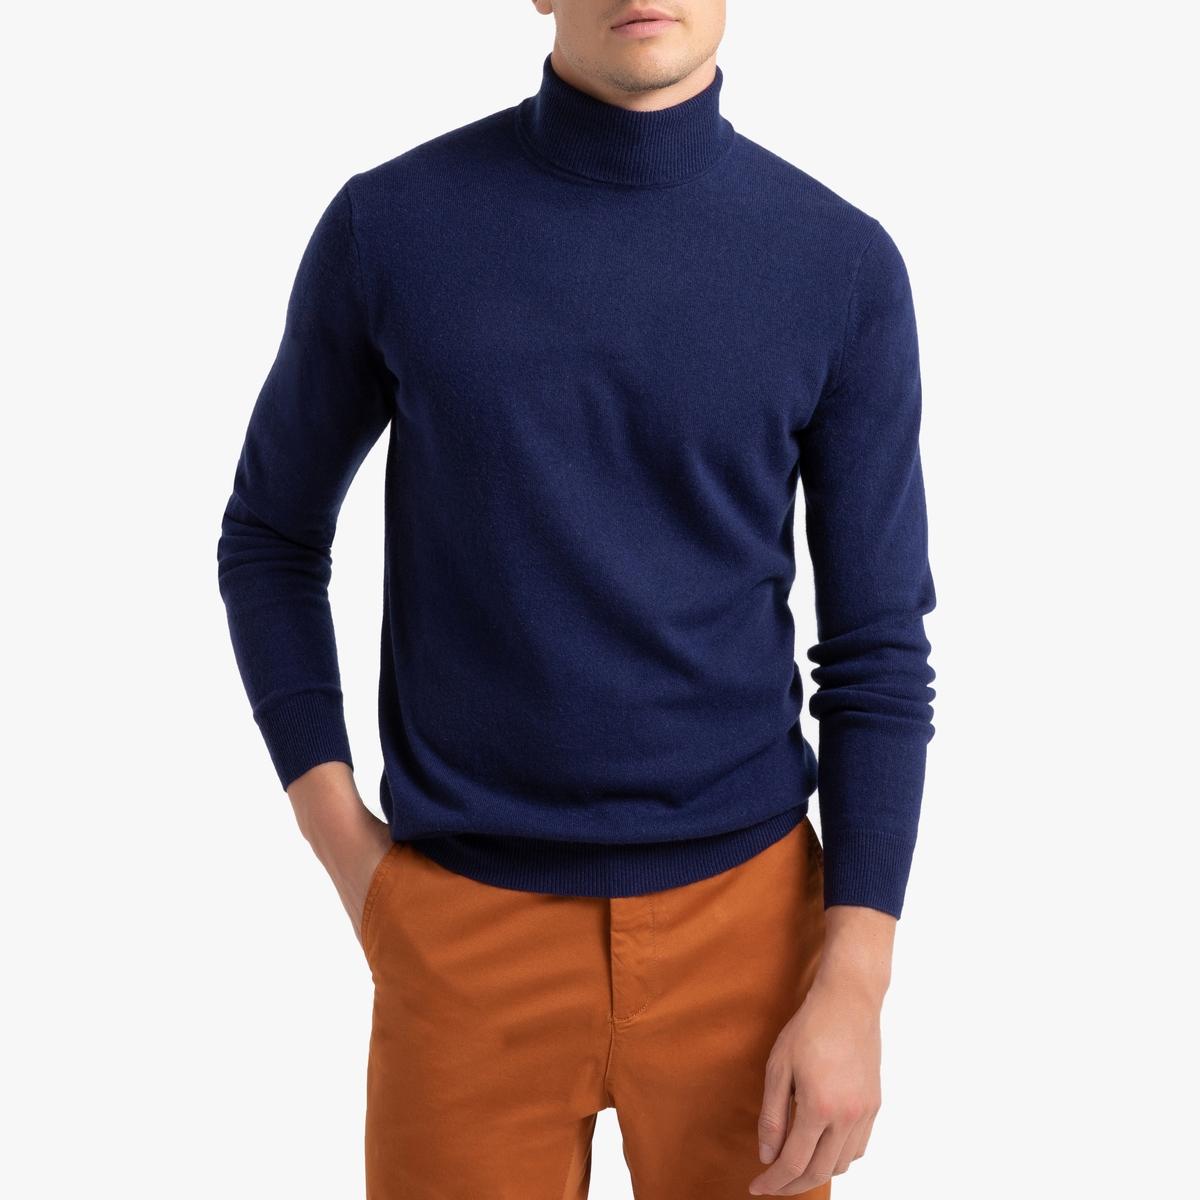 Пуловер La Redoute С отворачивающимся воротником из кашемира Paul S синий ic men коричневый пуловер из кашемира